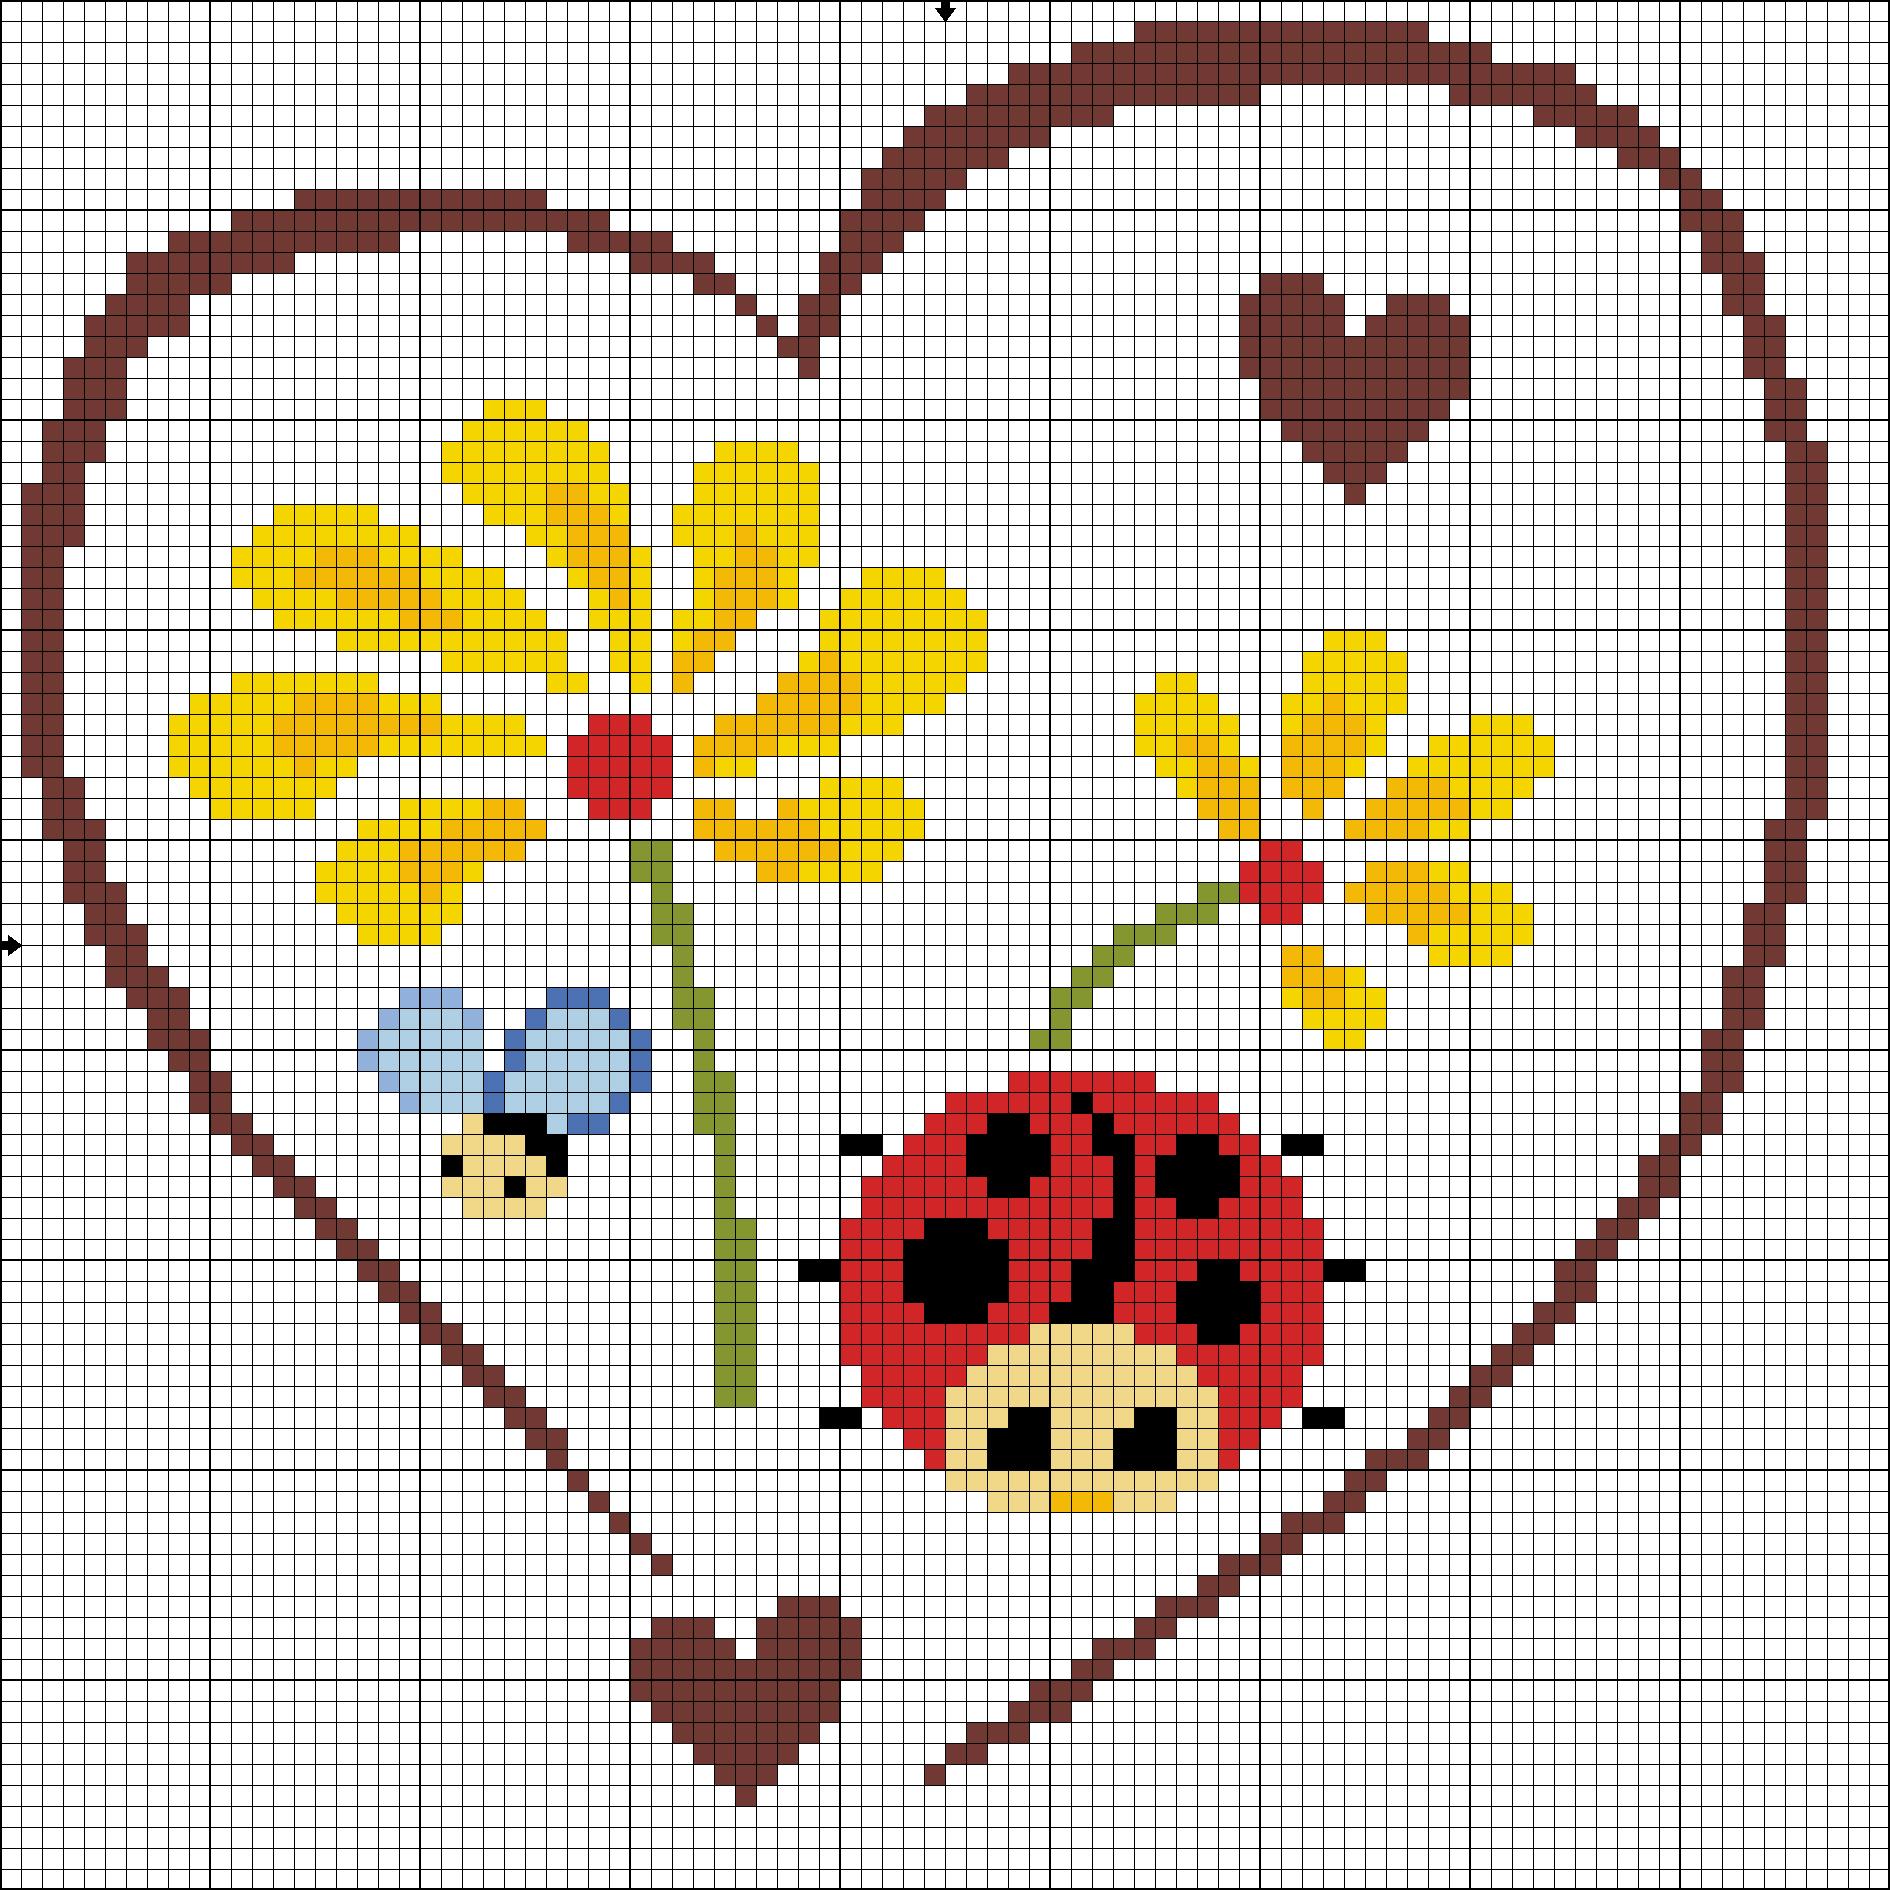 Картинка для вышивки крестом маленькие